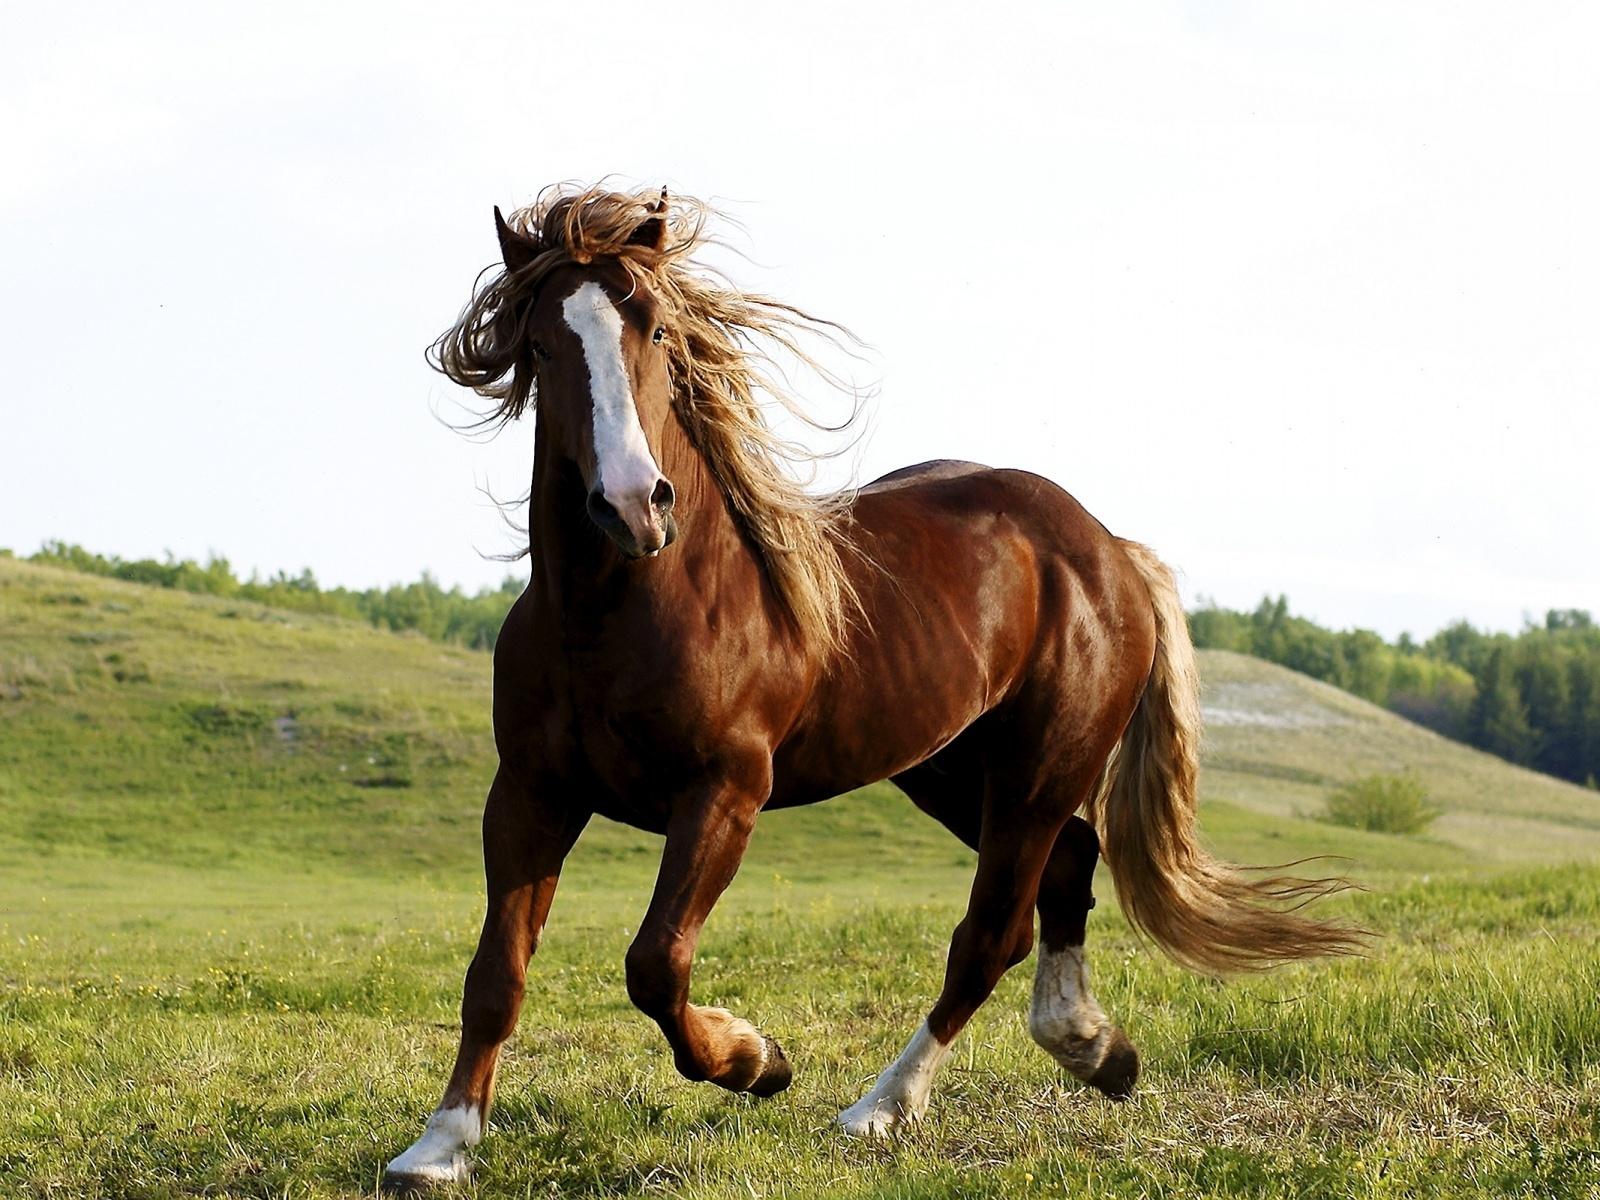 photos brown horse photos brown horse photos brown horse photos 1600x1200